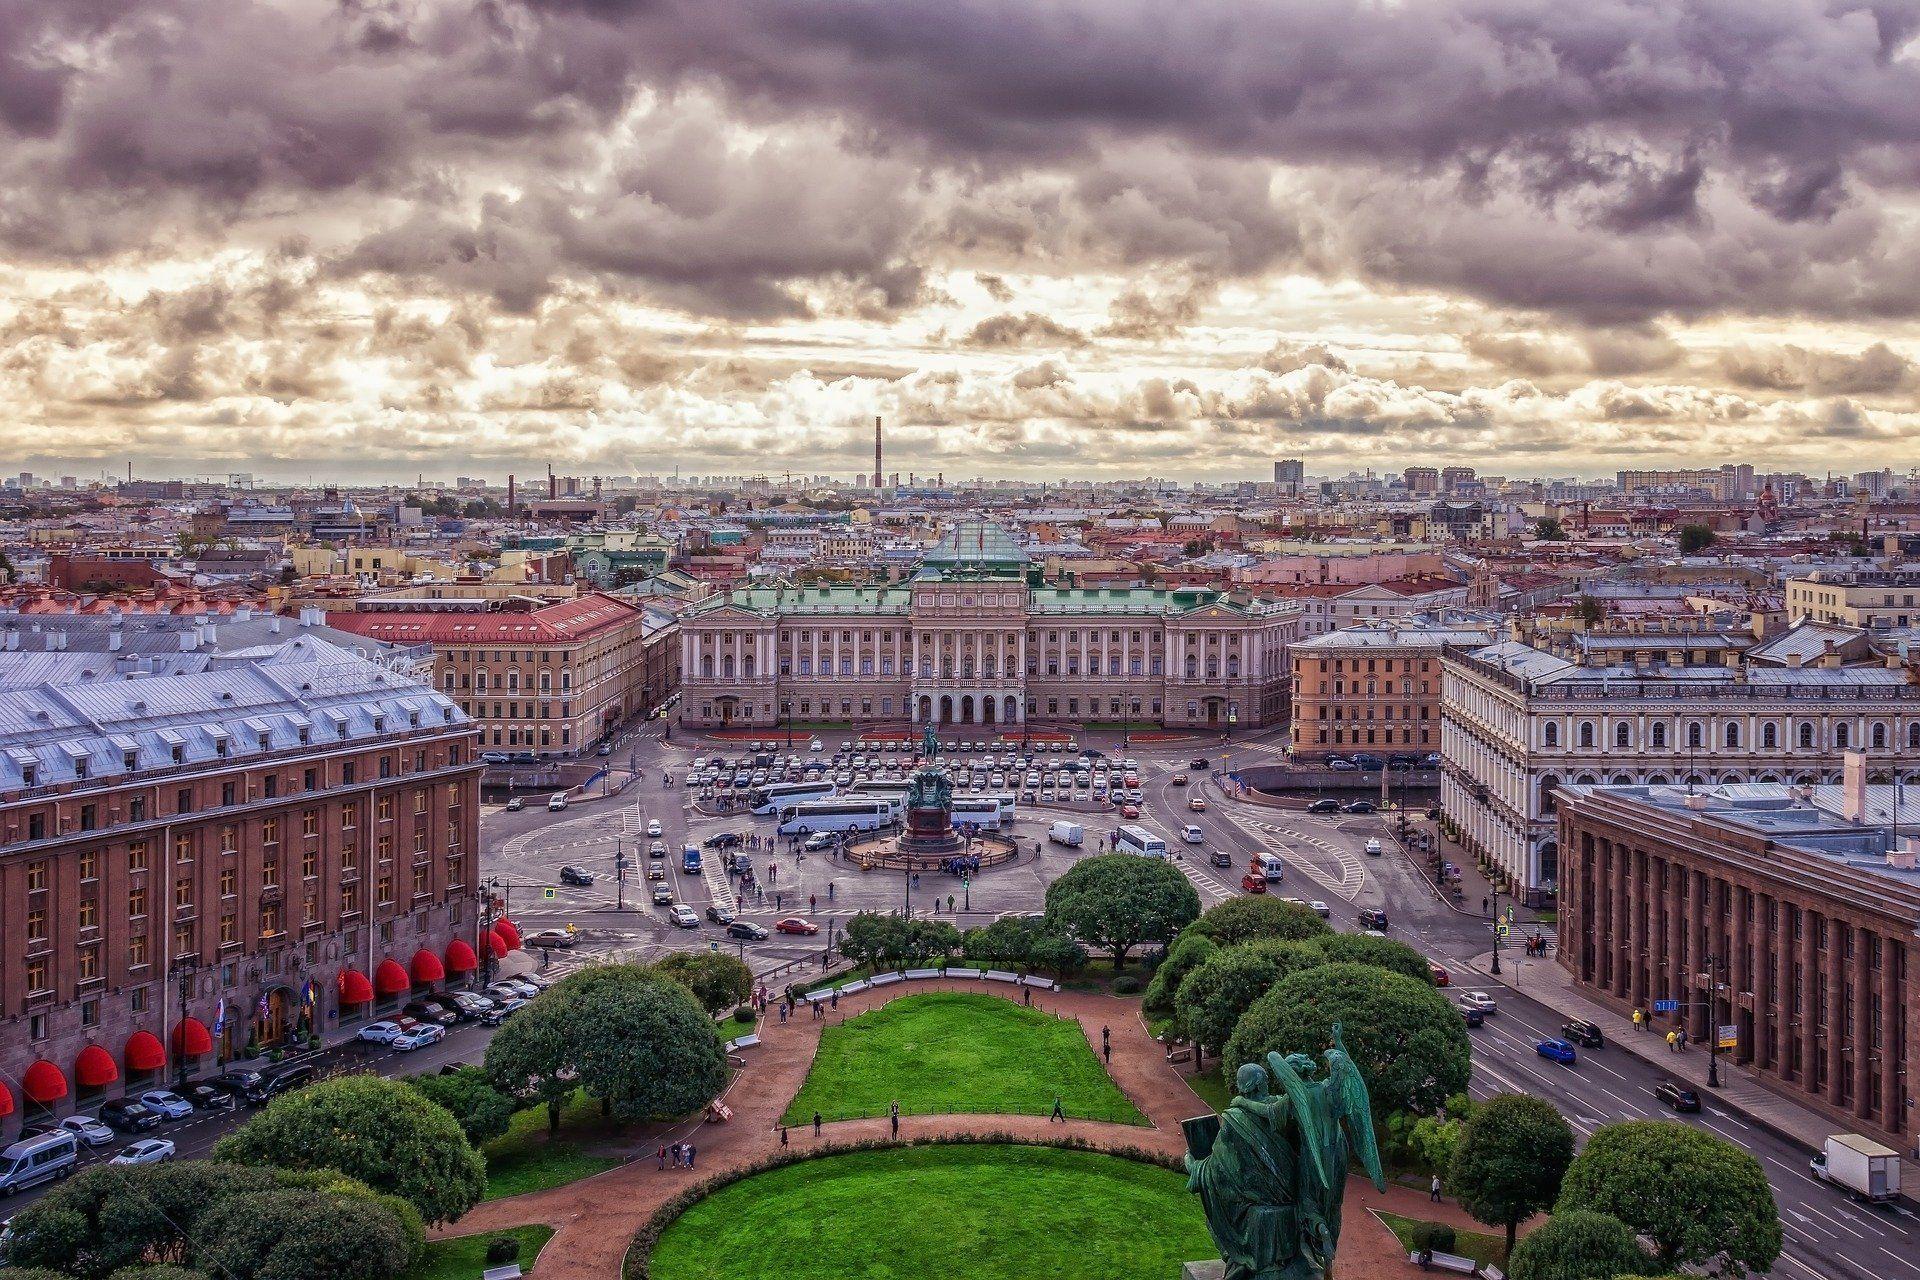 Exteriores del palacio Mariinski y finalización de la excursión